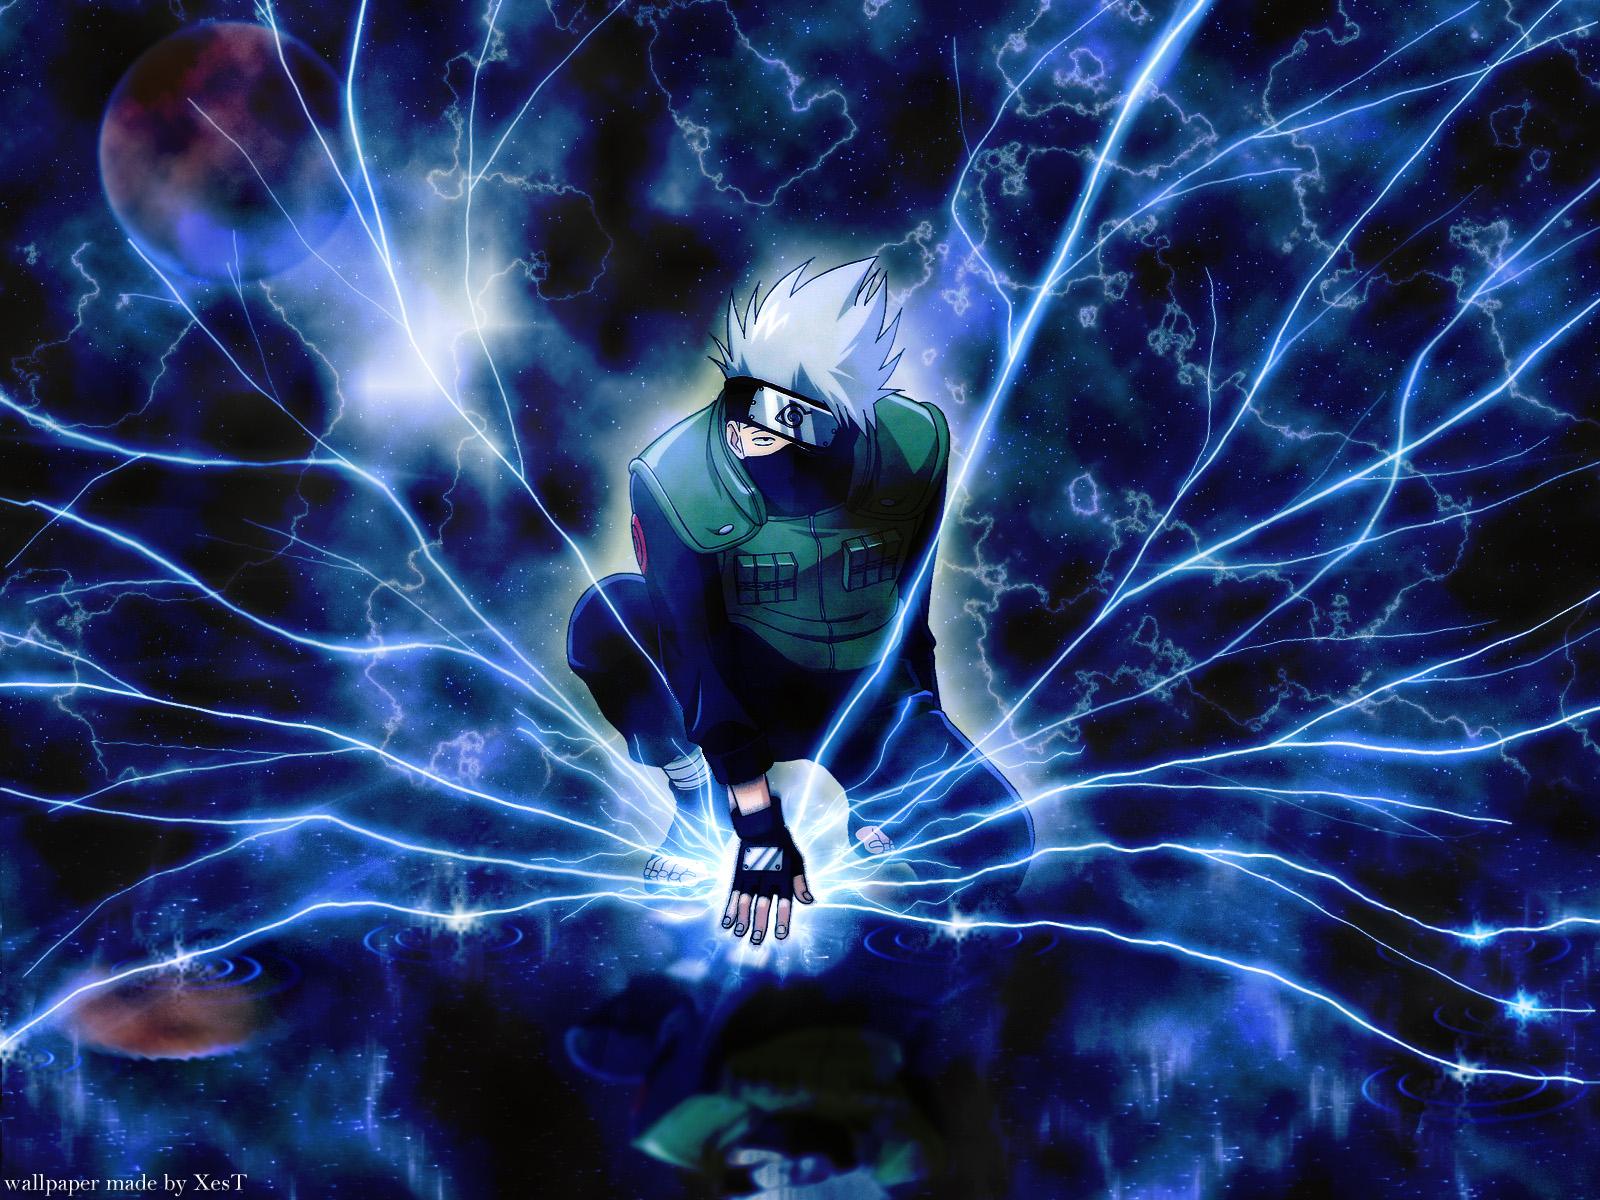 foto de Free download Wallpapers HD Naruto Shippuden 115 Wallpapers Fondo ...